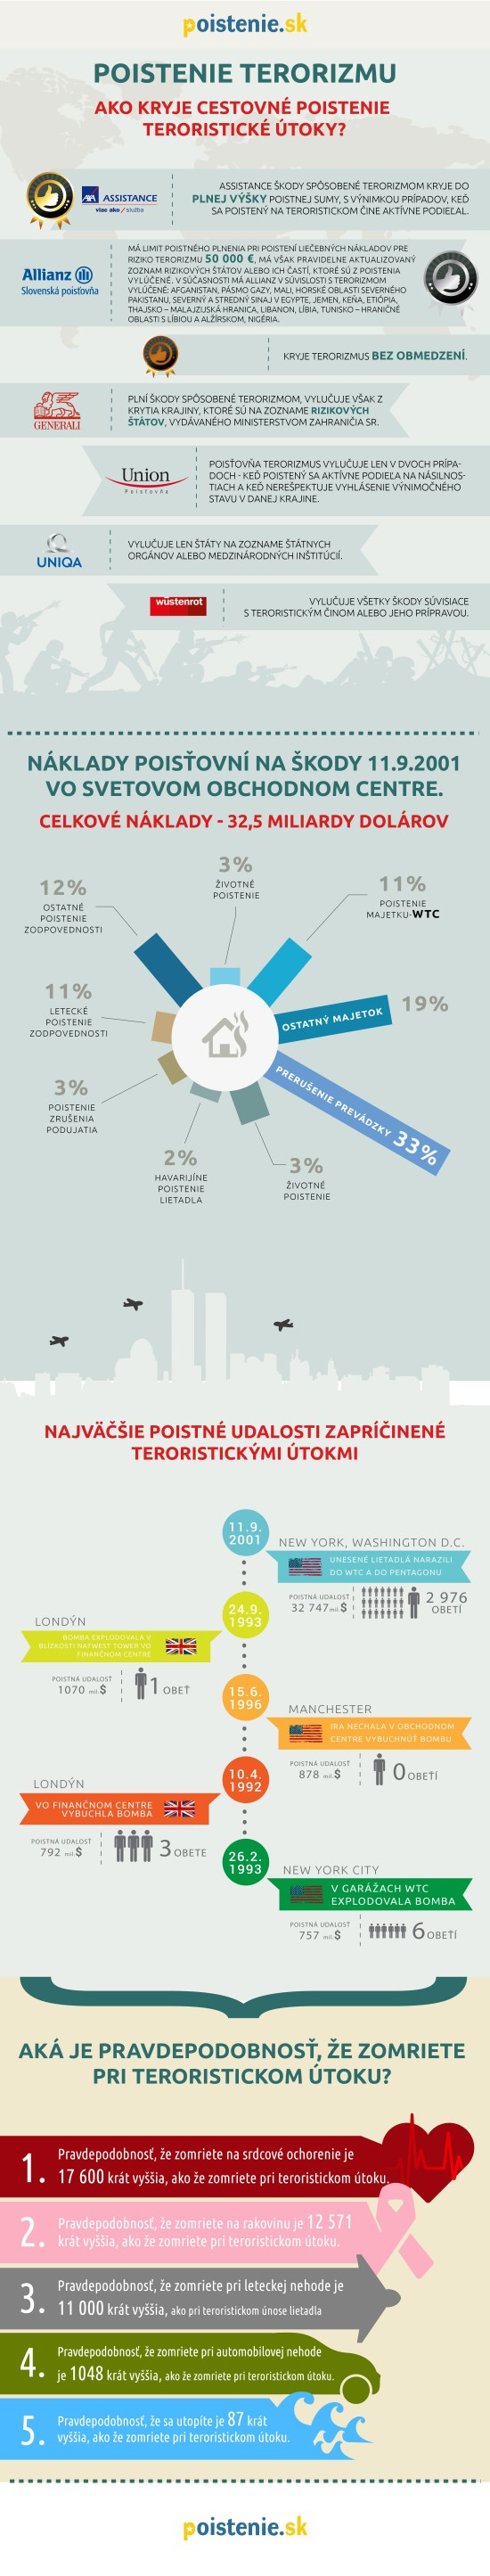 infografika terorismus pojištění